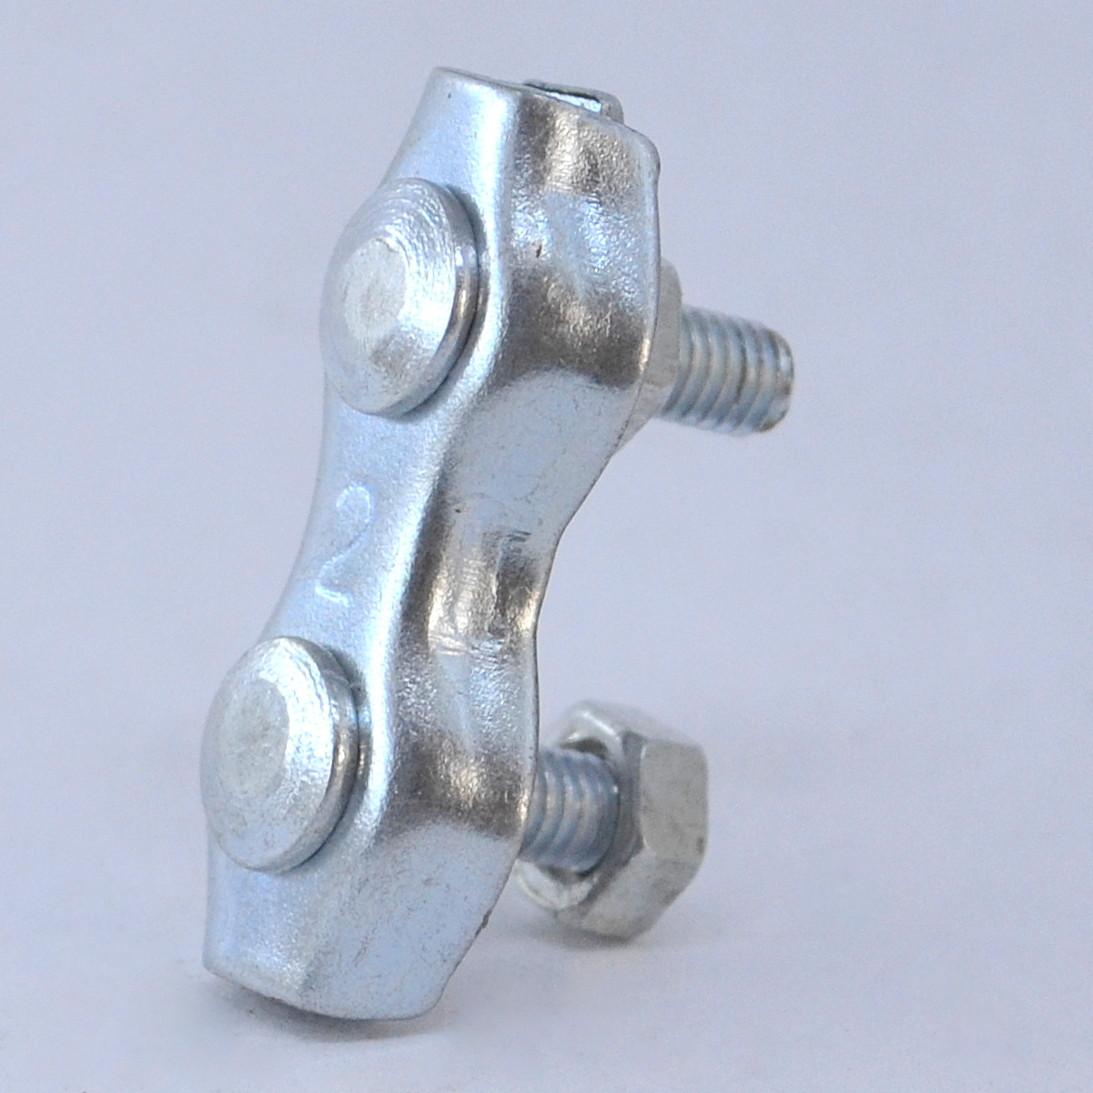 Цанга 6 мм подвійний *дюплекс* (затискач подвійний), Цинк